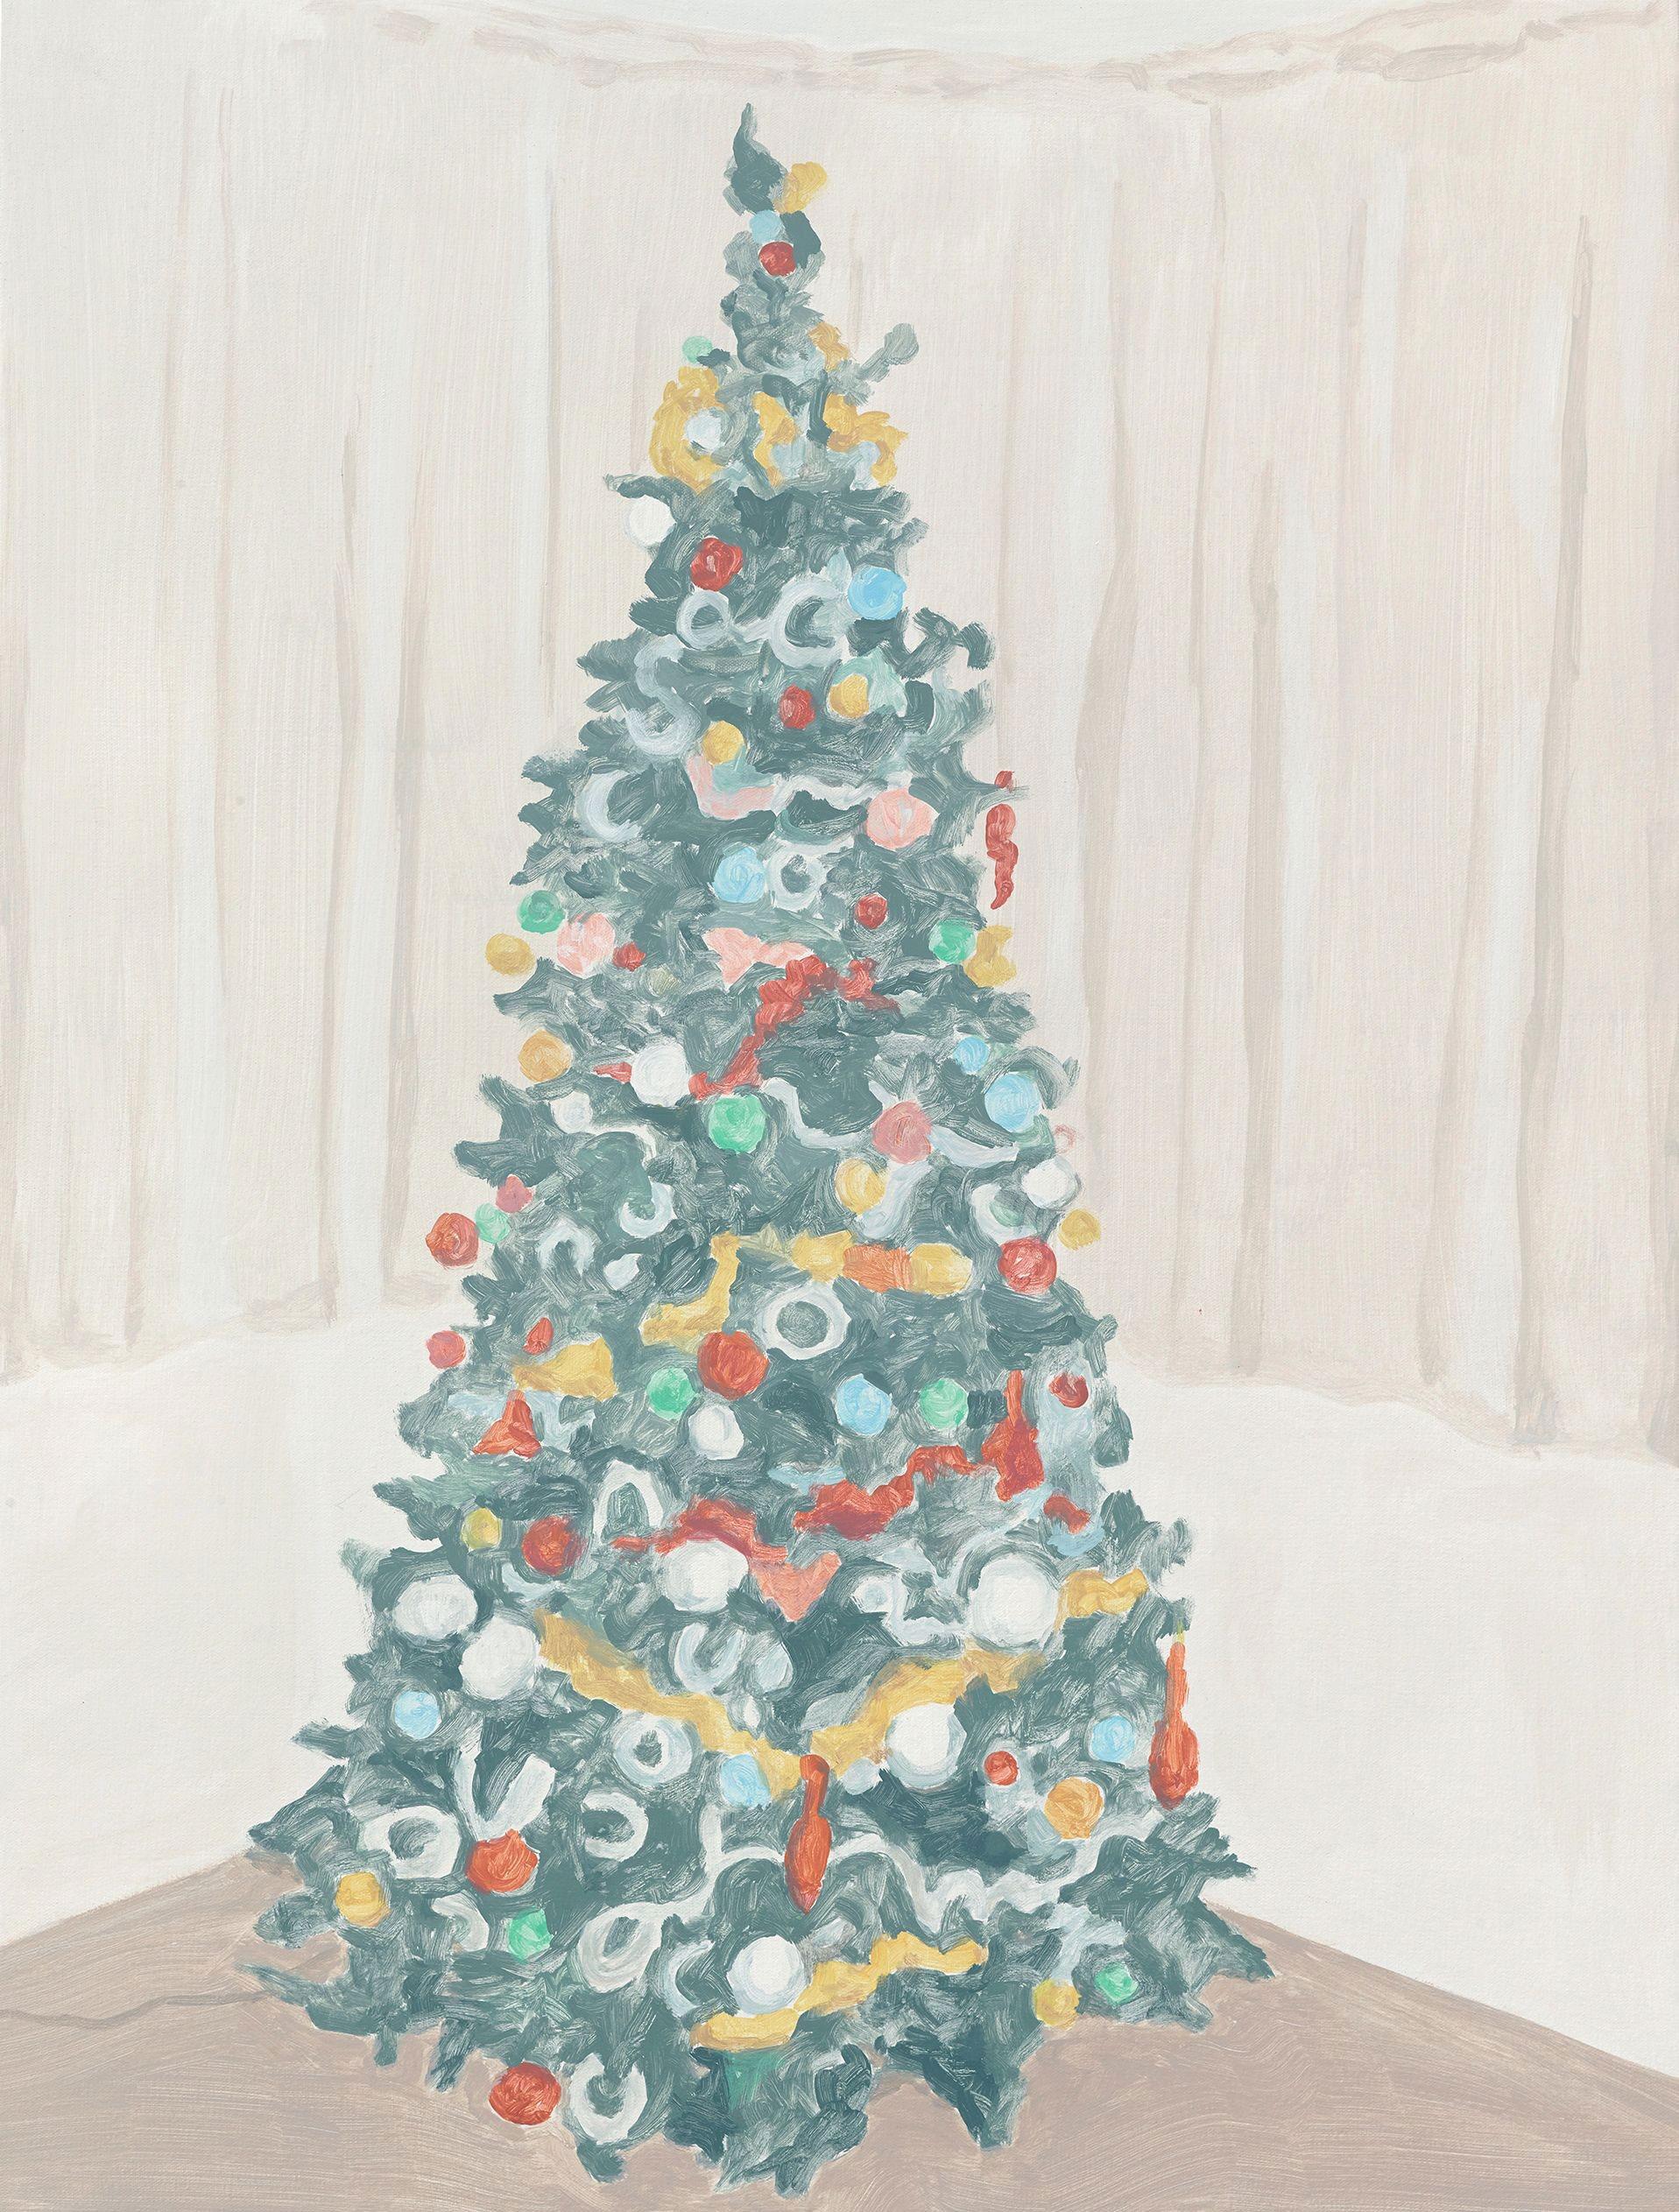 O Christmas Tree | Glasstire